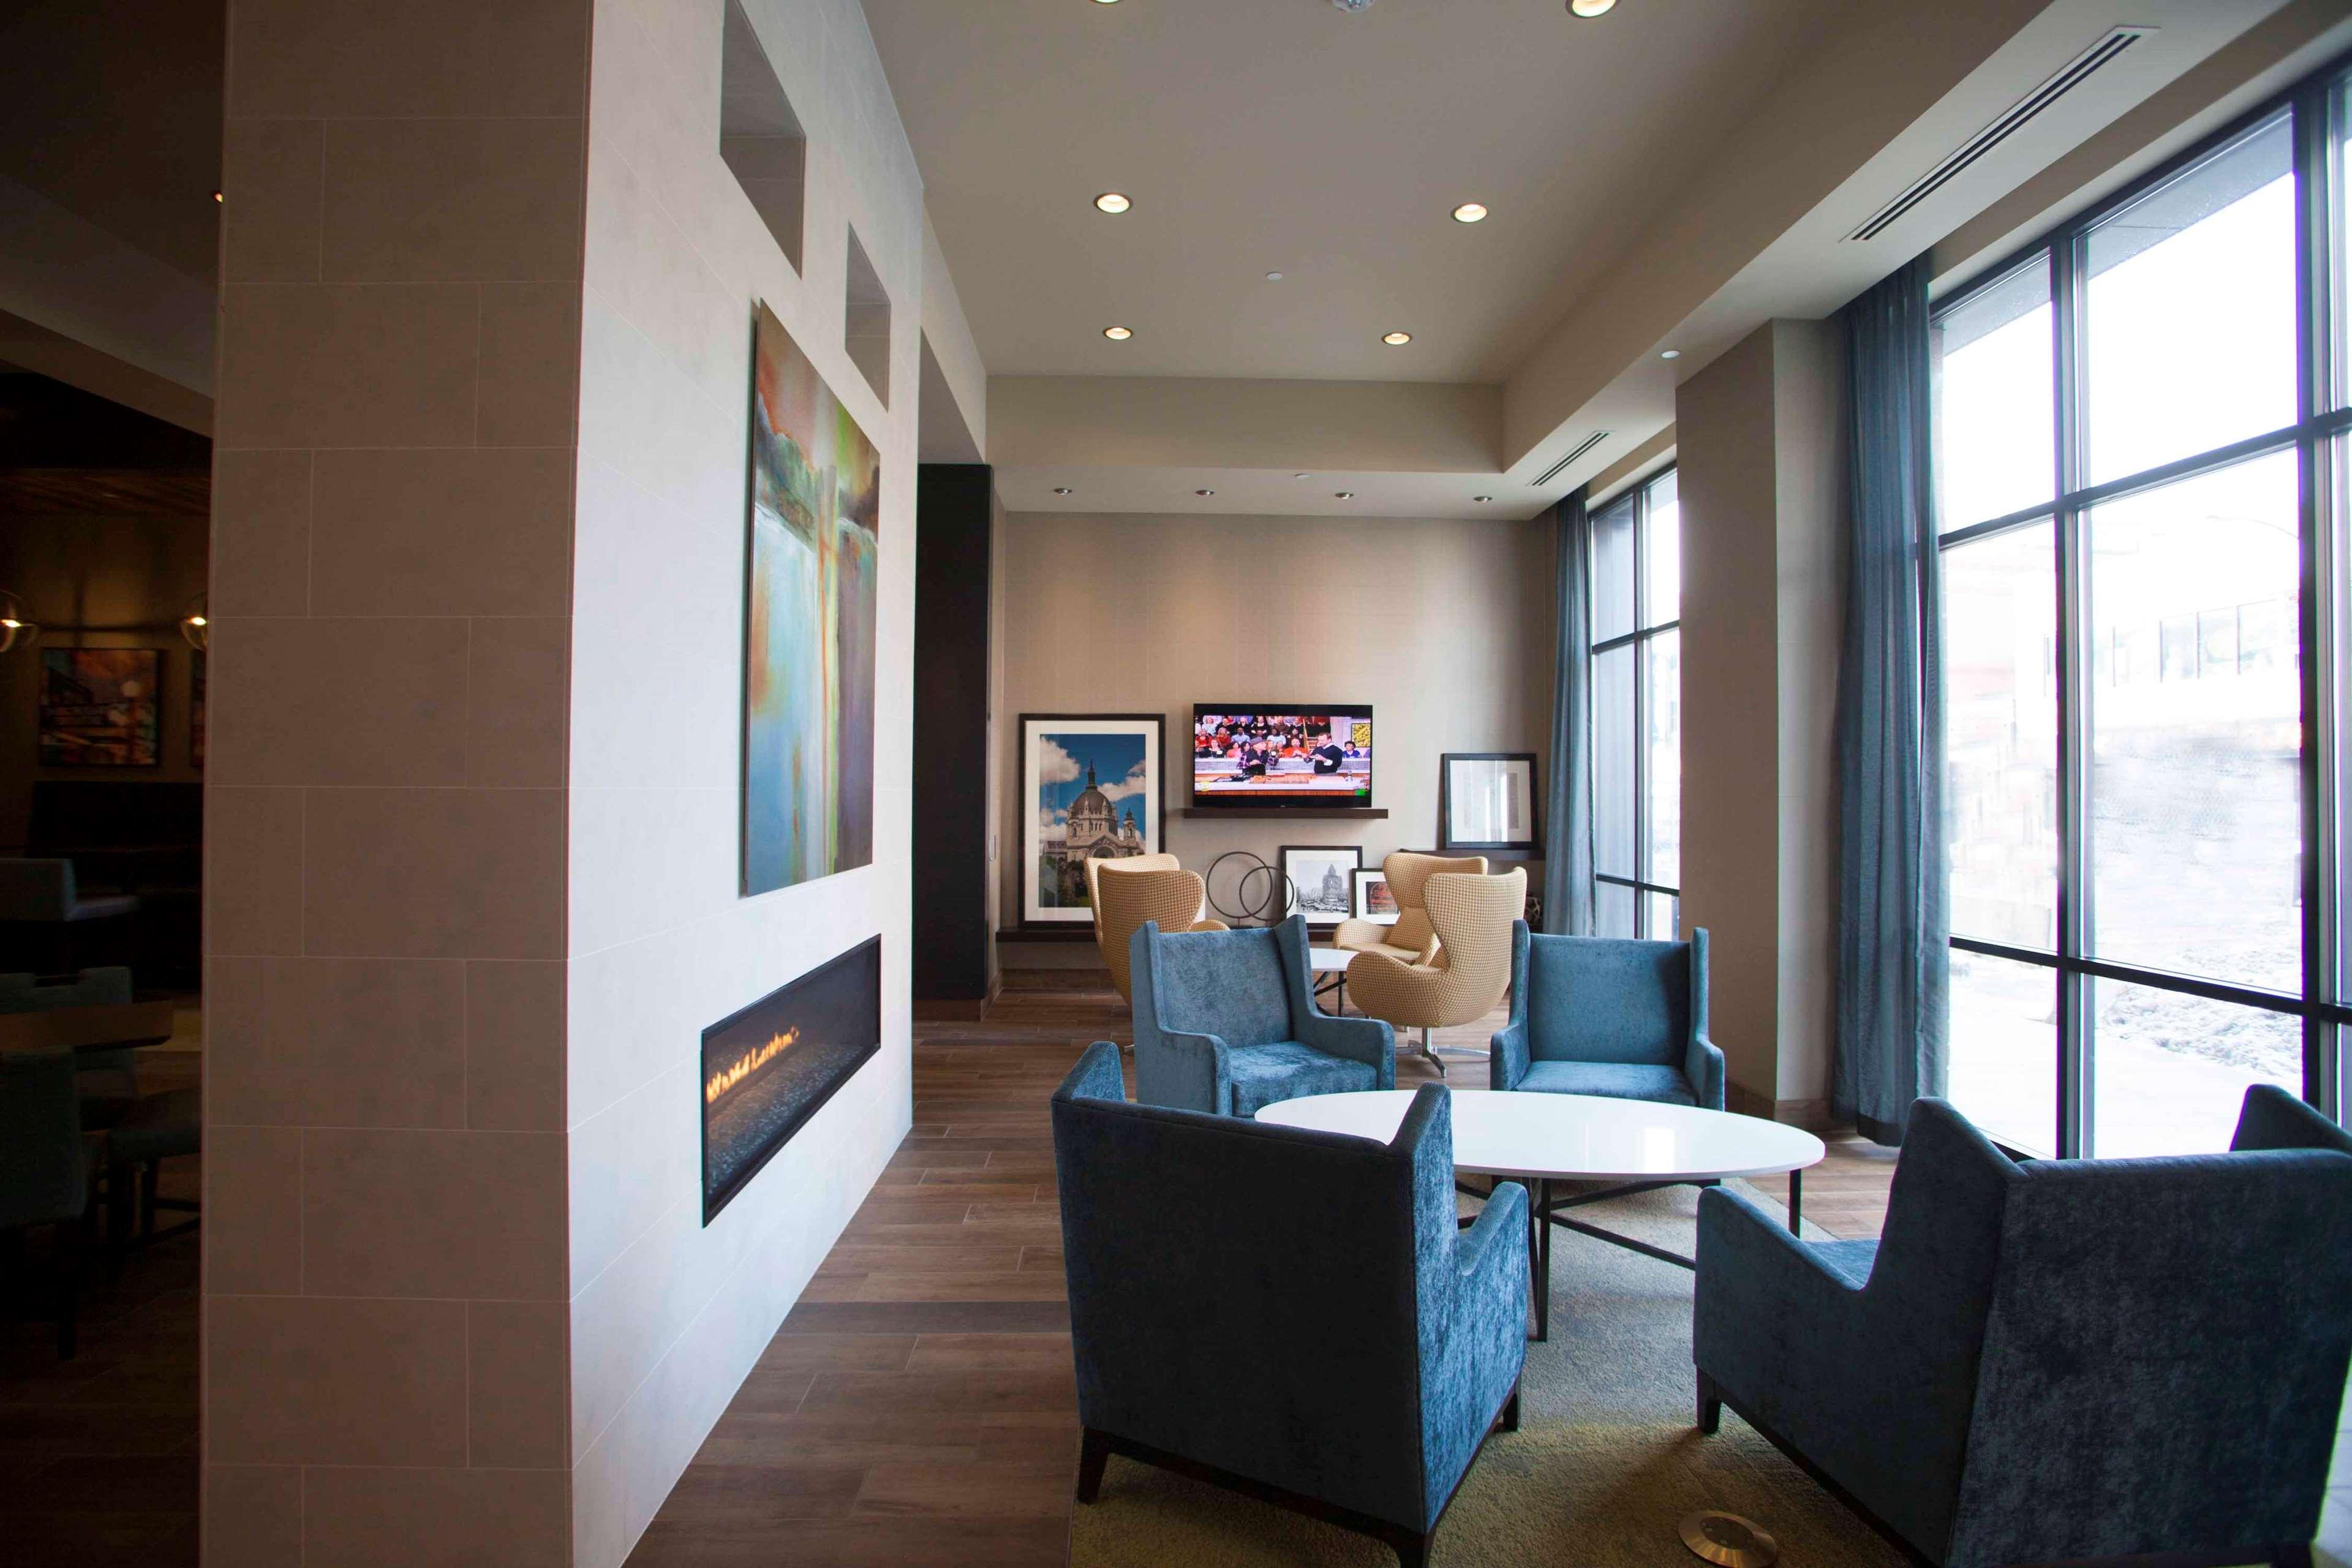 Hampton Inn & Suites Downtown St. Paul image 2